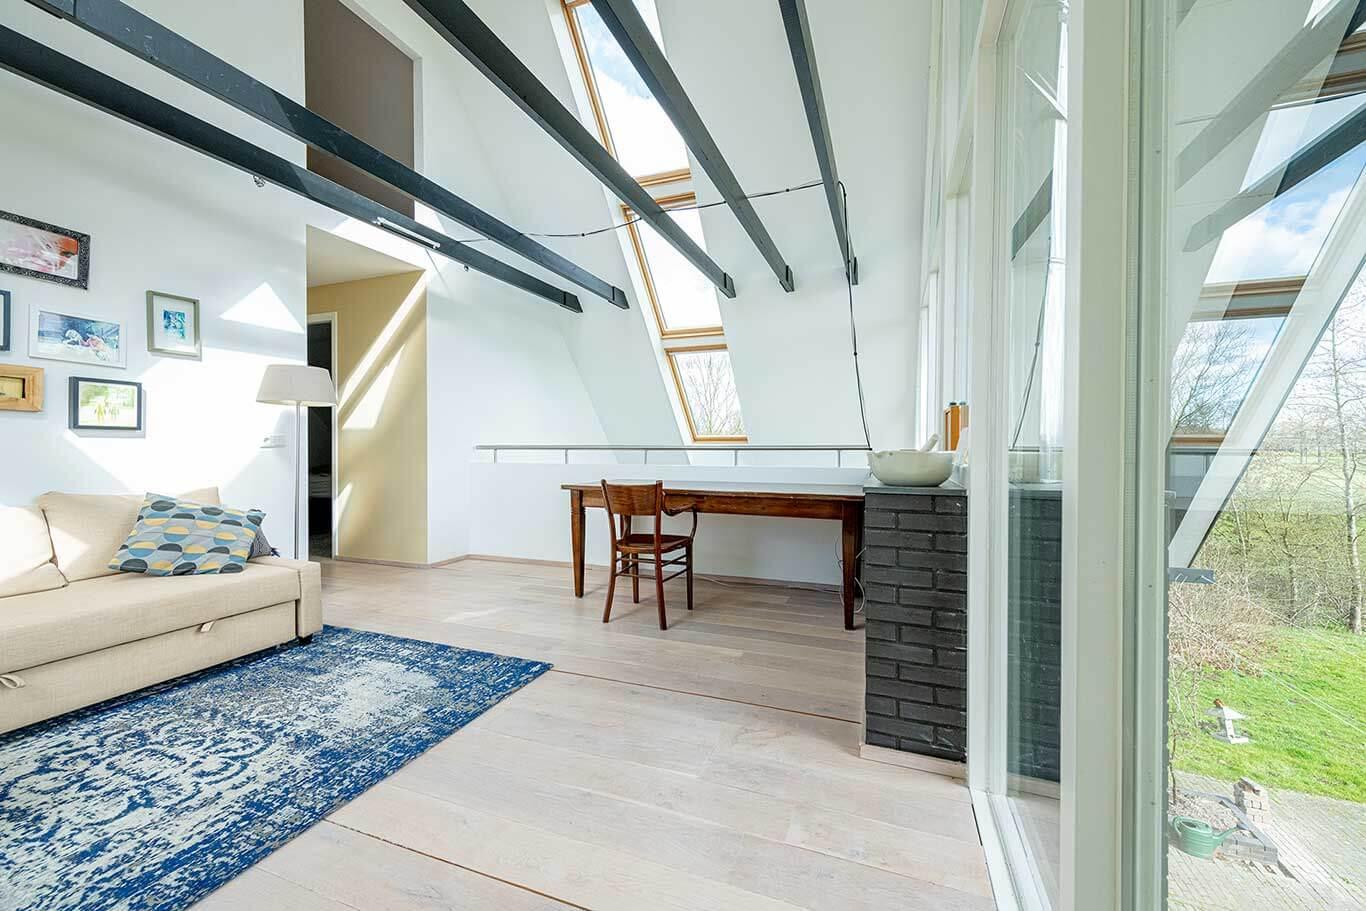 hesselmann-oldeberkoop-woonhuis-interieur-1.jpg